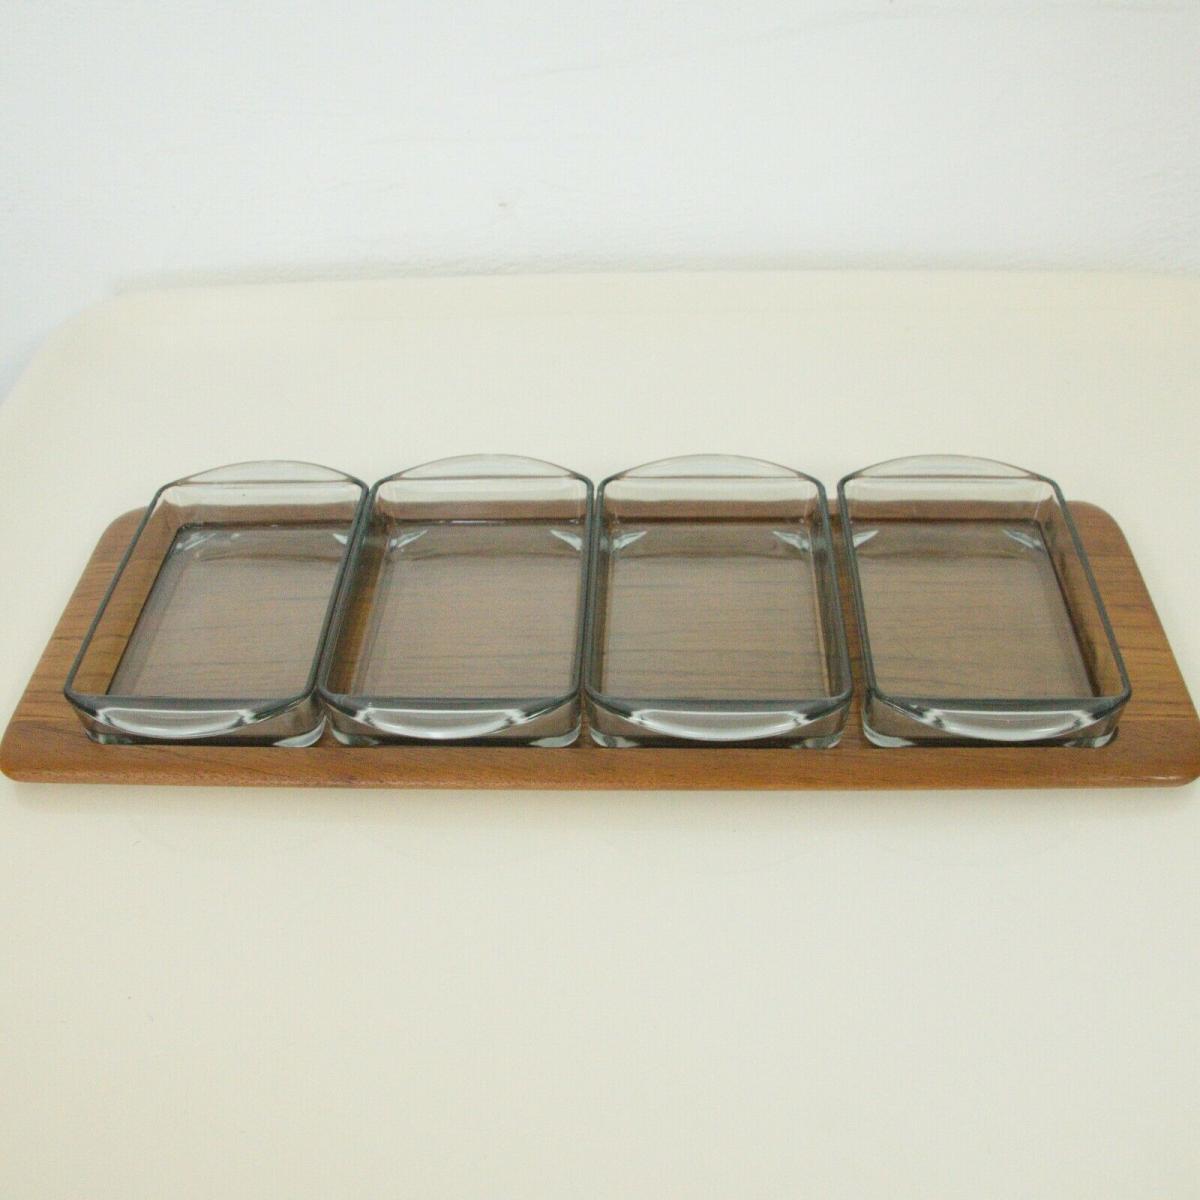 Digsmed denmark teak tablett mit 4 glasschalen dänemark modell 710 60er 1964 0